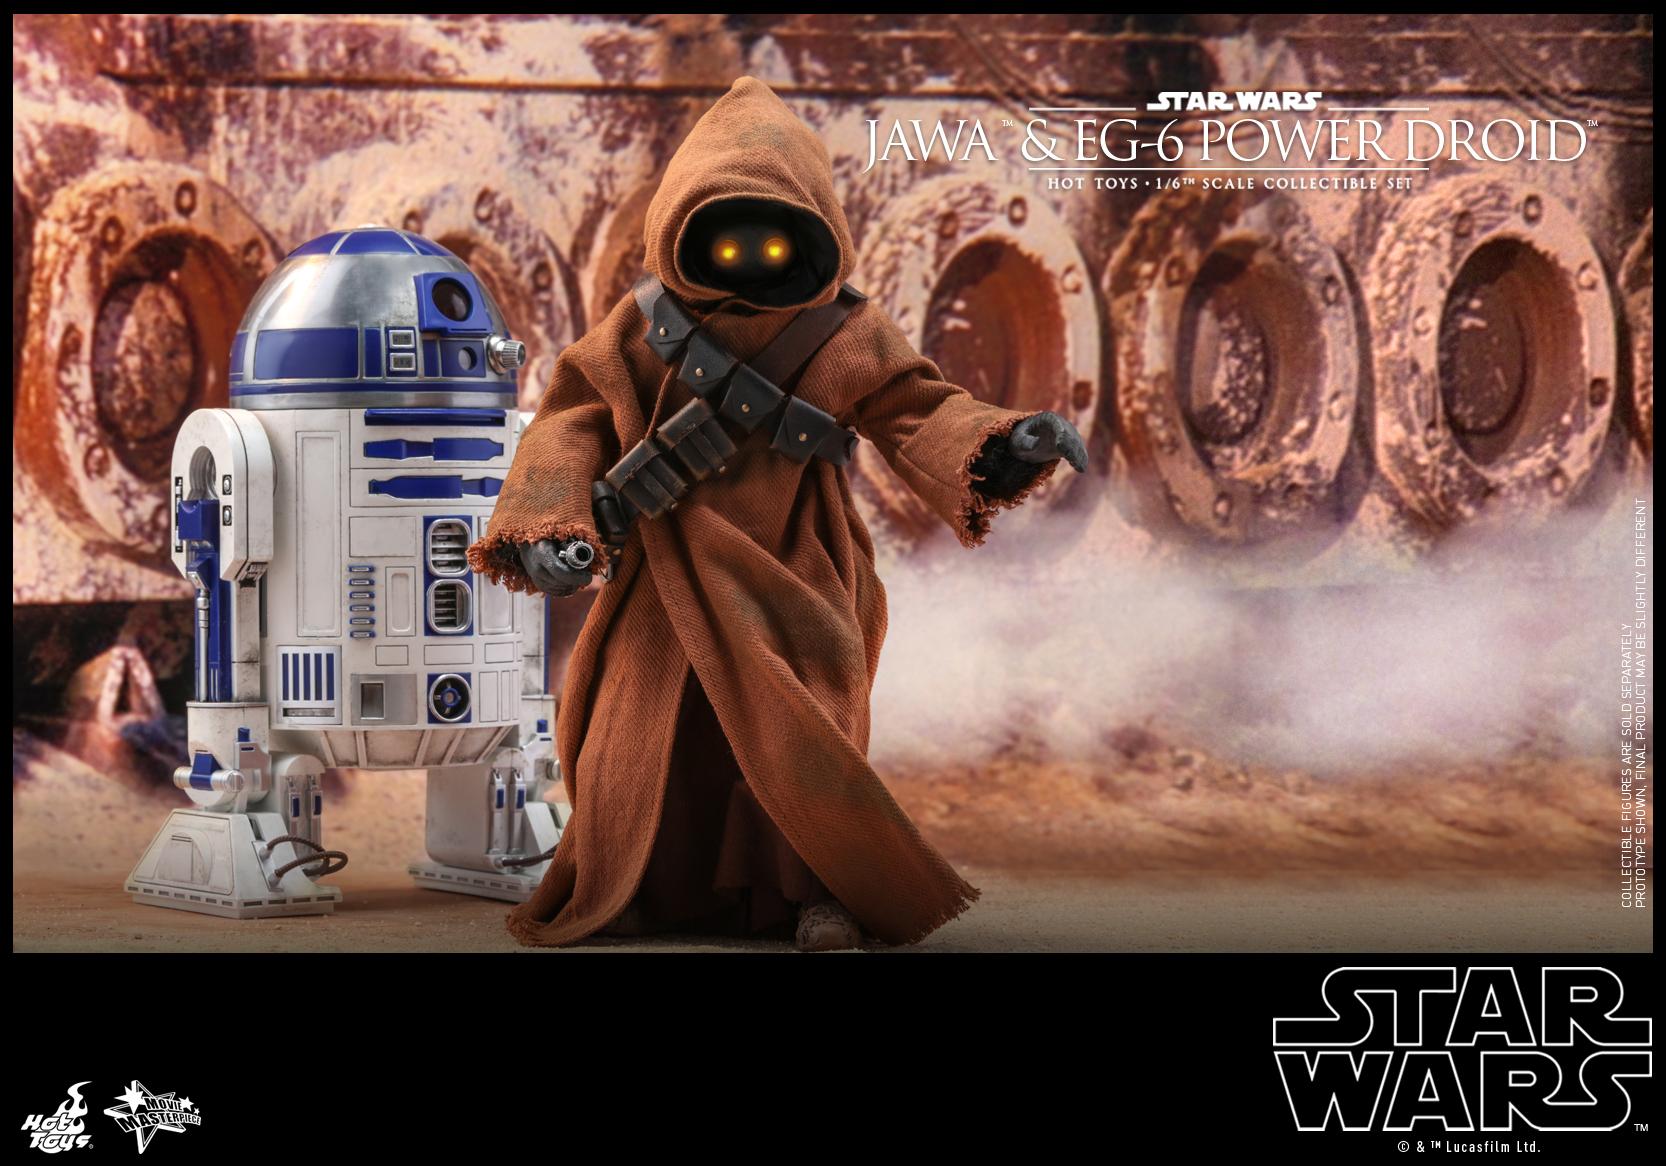 Hot Toys - Star Wars Epi 4 - Jawa & EG-6 Power Droid - PR17